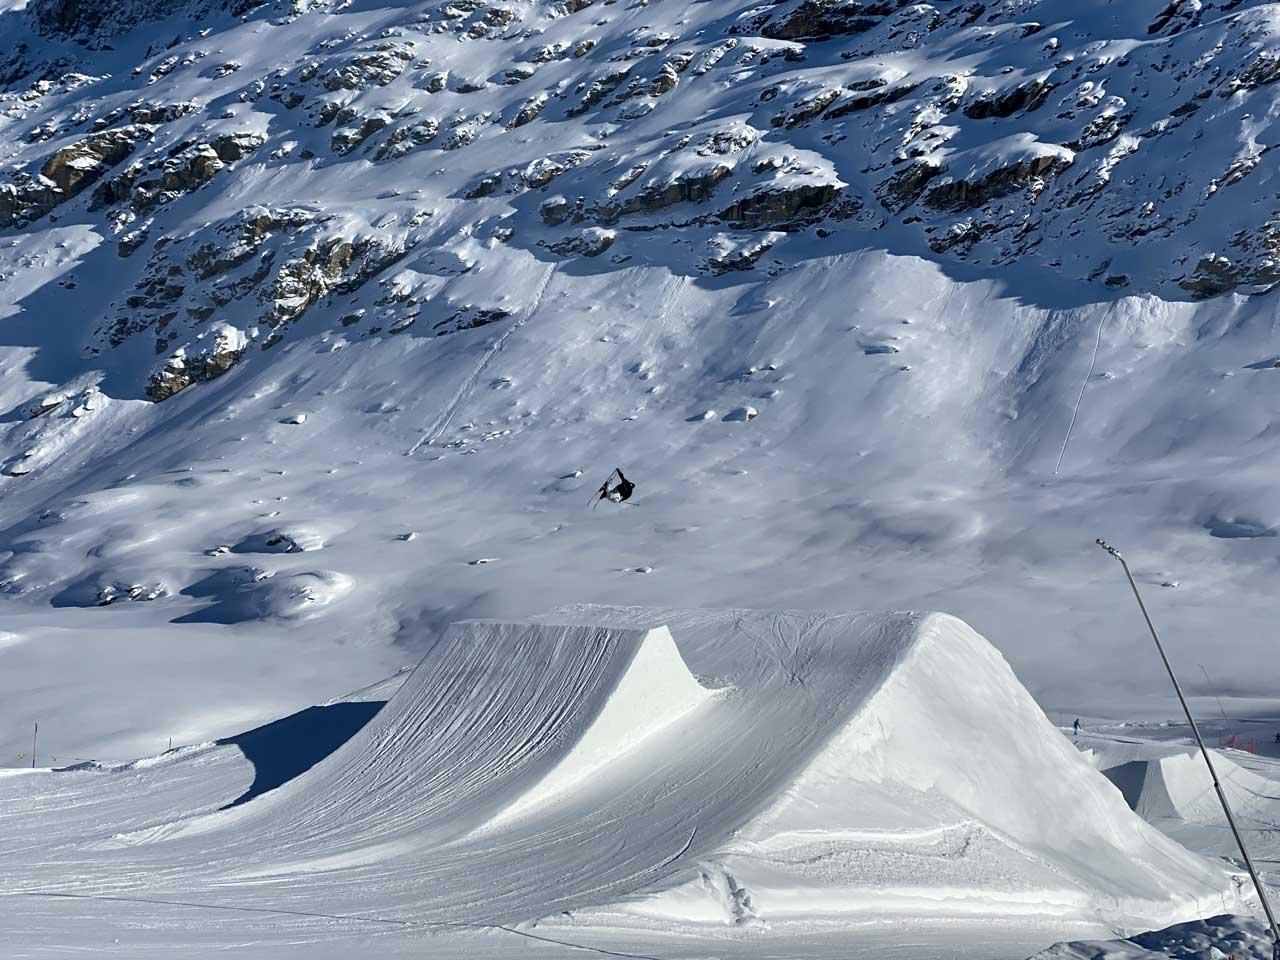 Profis am Werk - Corvatsch Snowpark